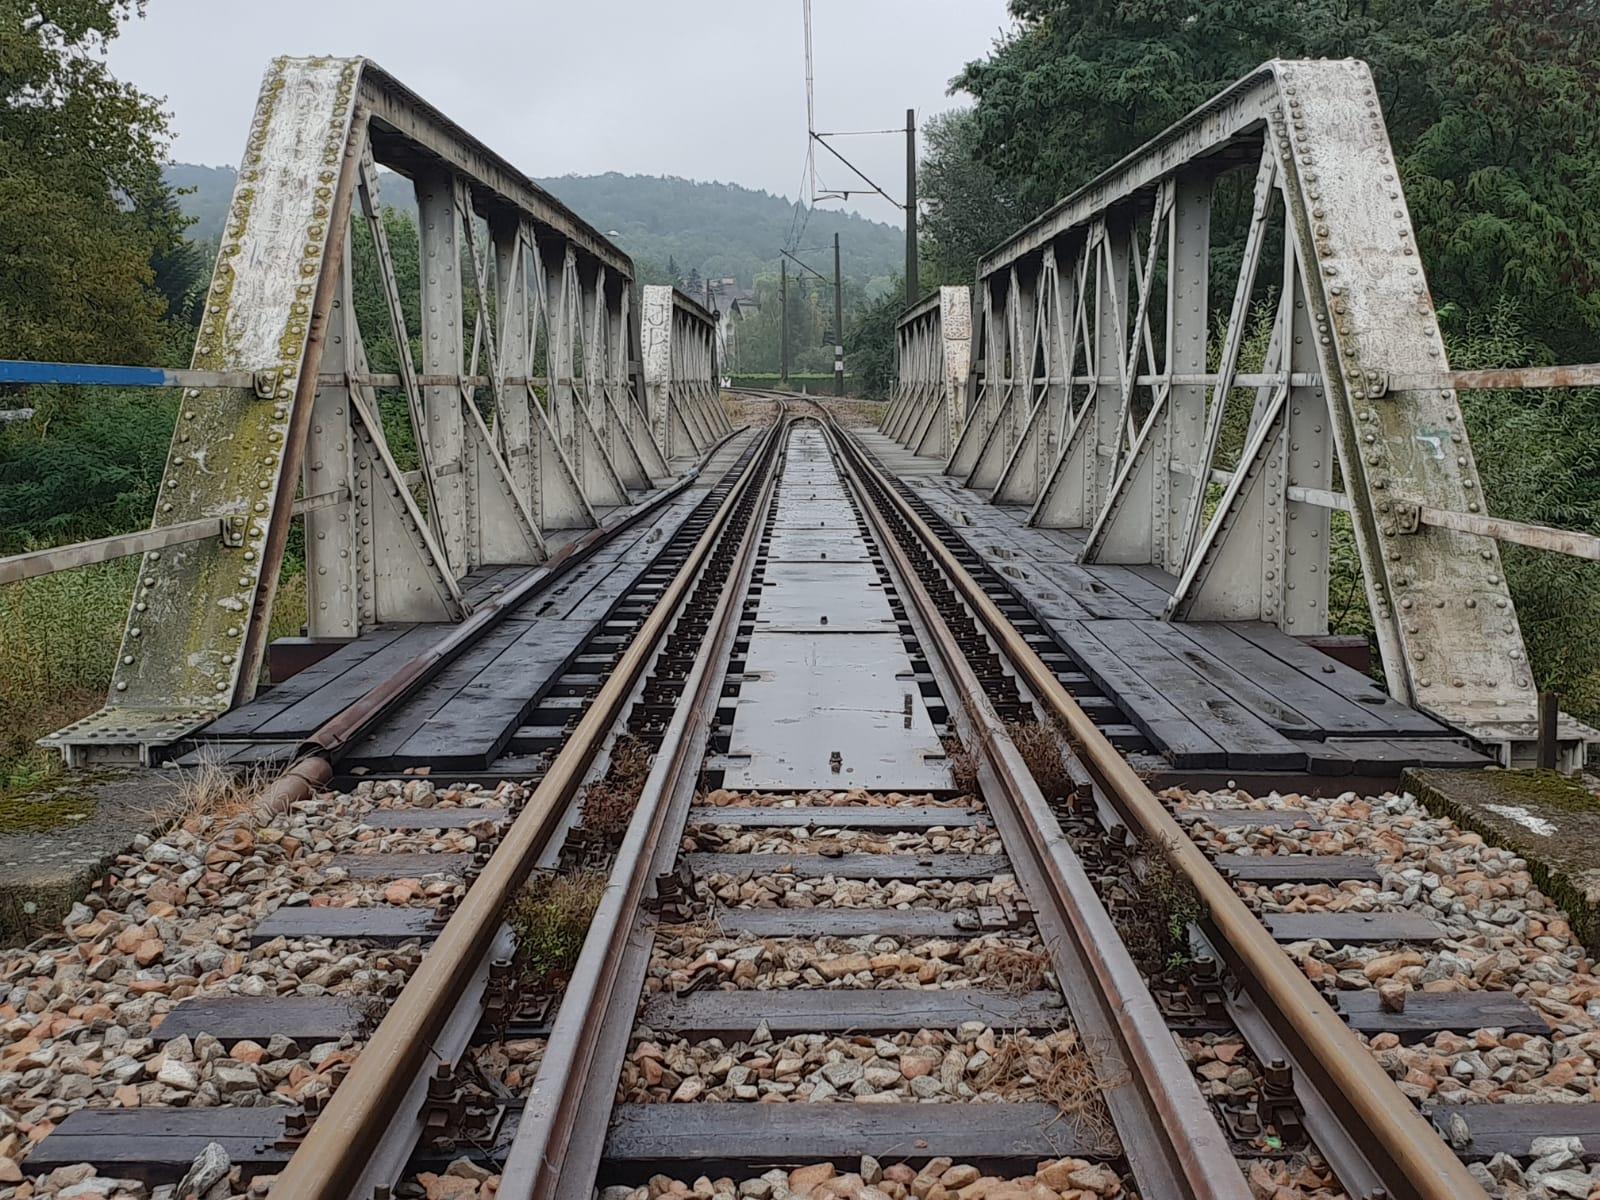 Nowy rozkład jazdy pociągów. Znikają połączenia do Zakopanego i Szczecina